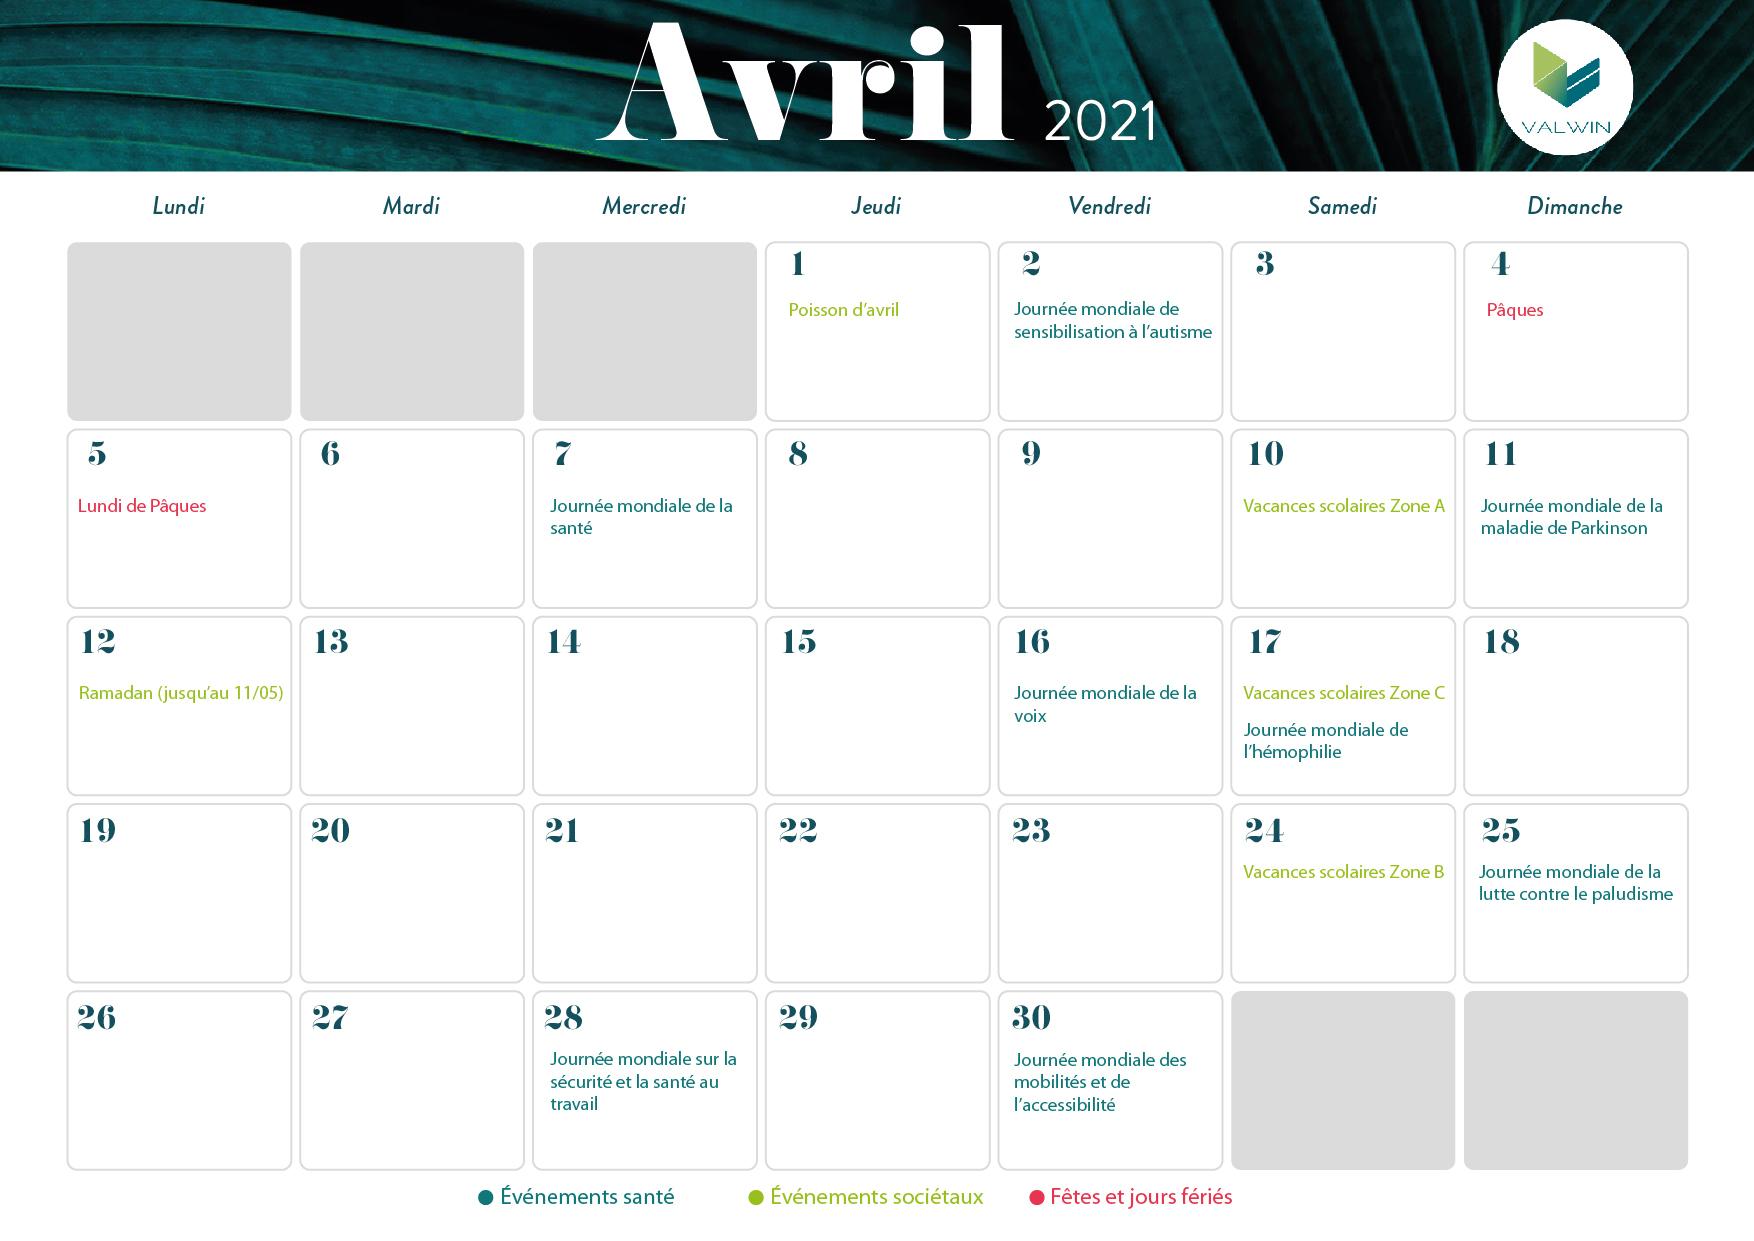 Avril-calendrier-journee-mondiale-sante-2021.jpg